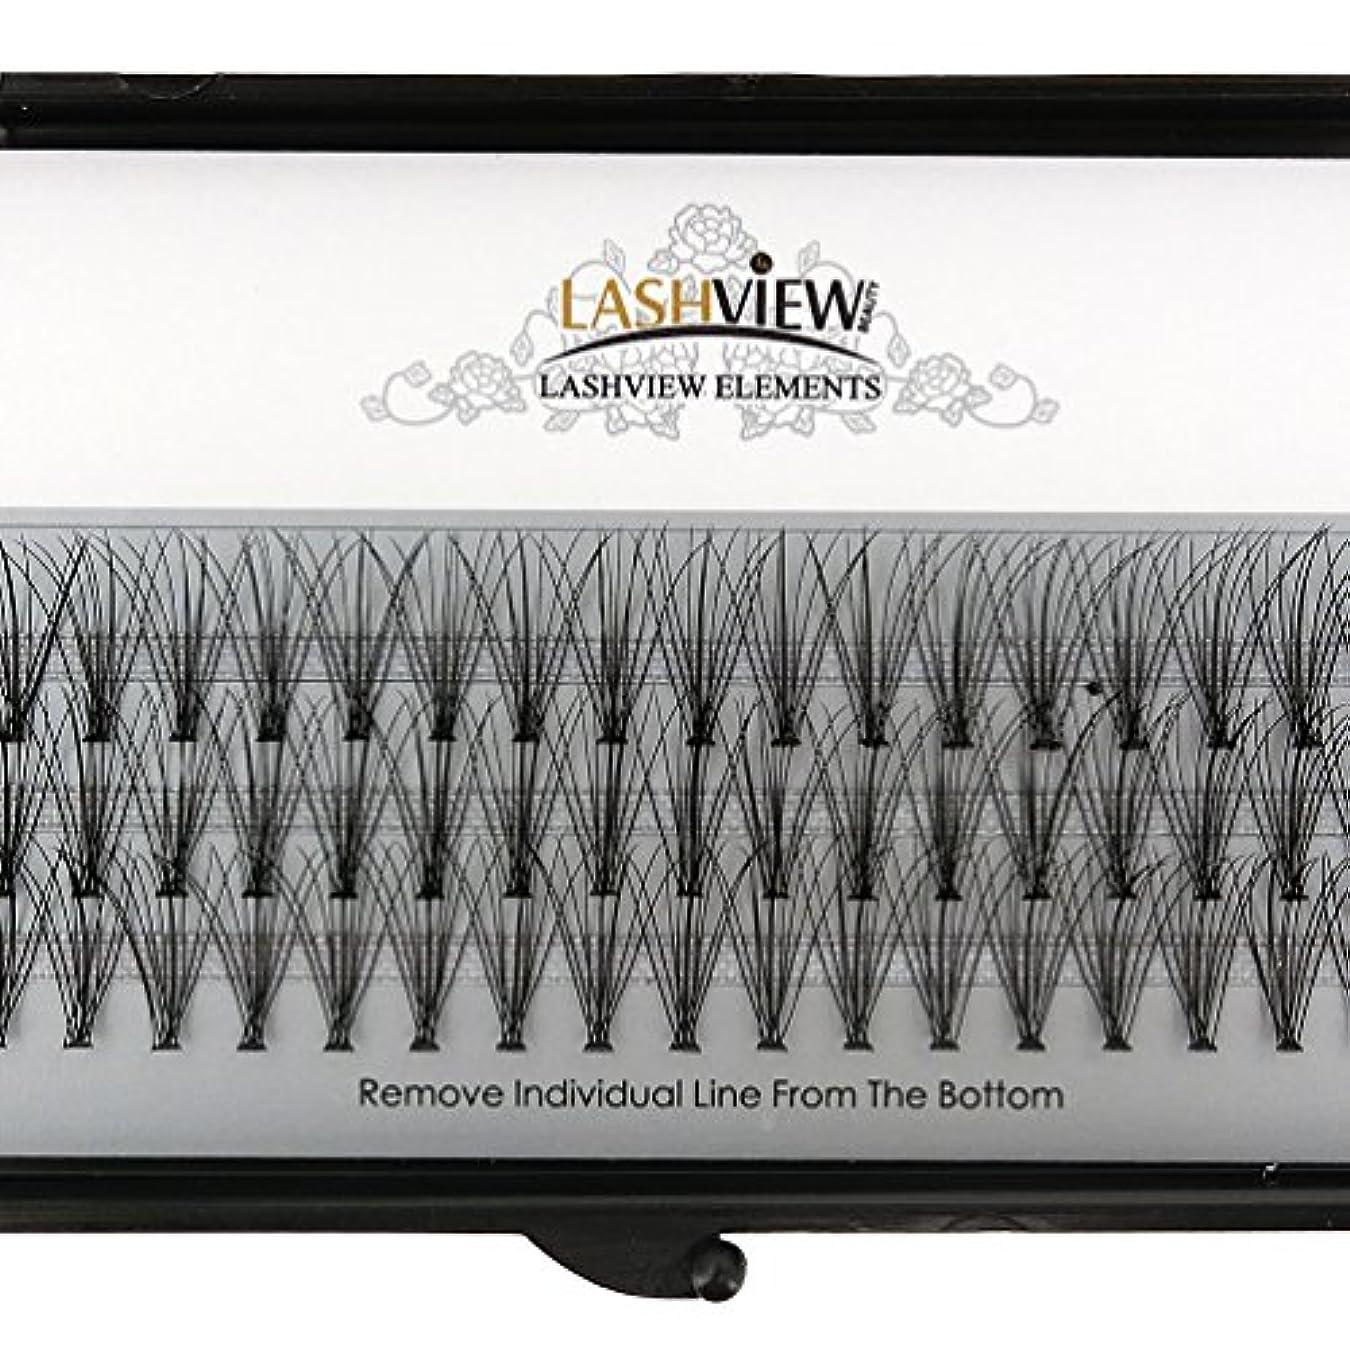 約束するの頭の上錫LASHVIEW 高品質まつげエクステ太さ0.10mm Cカール フレア セルフ用 素材 10本束12mm マツエク